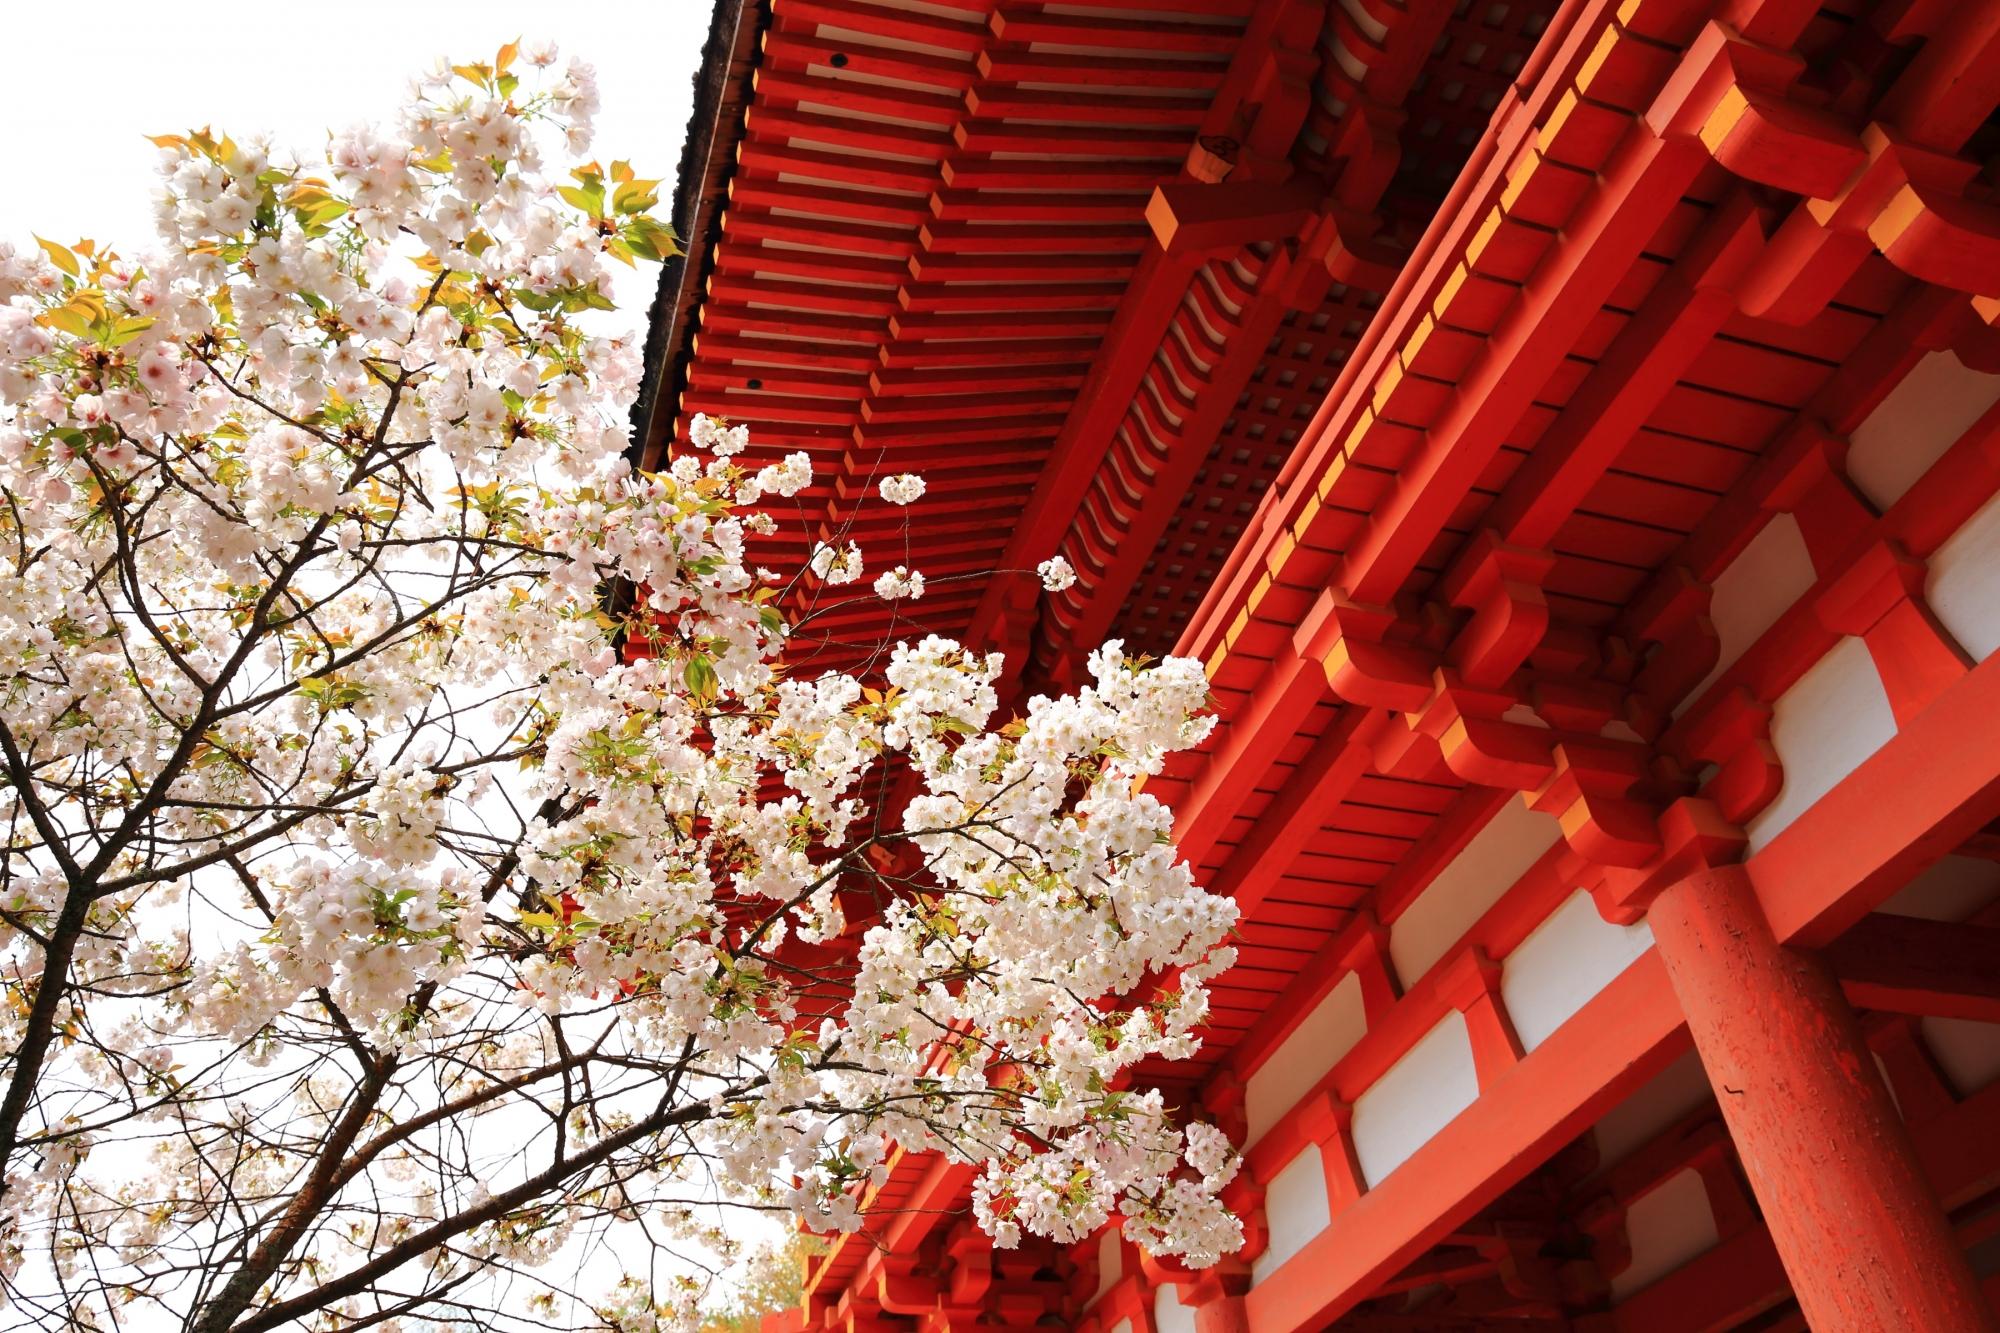 曇天が残念も鮮やかな赤い楼門を白く彩る賀茂桜